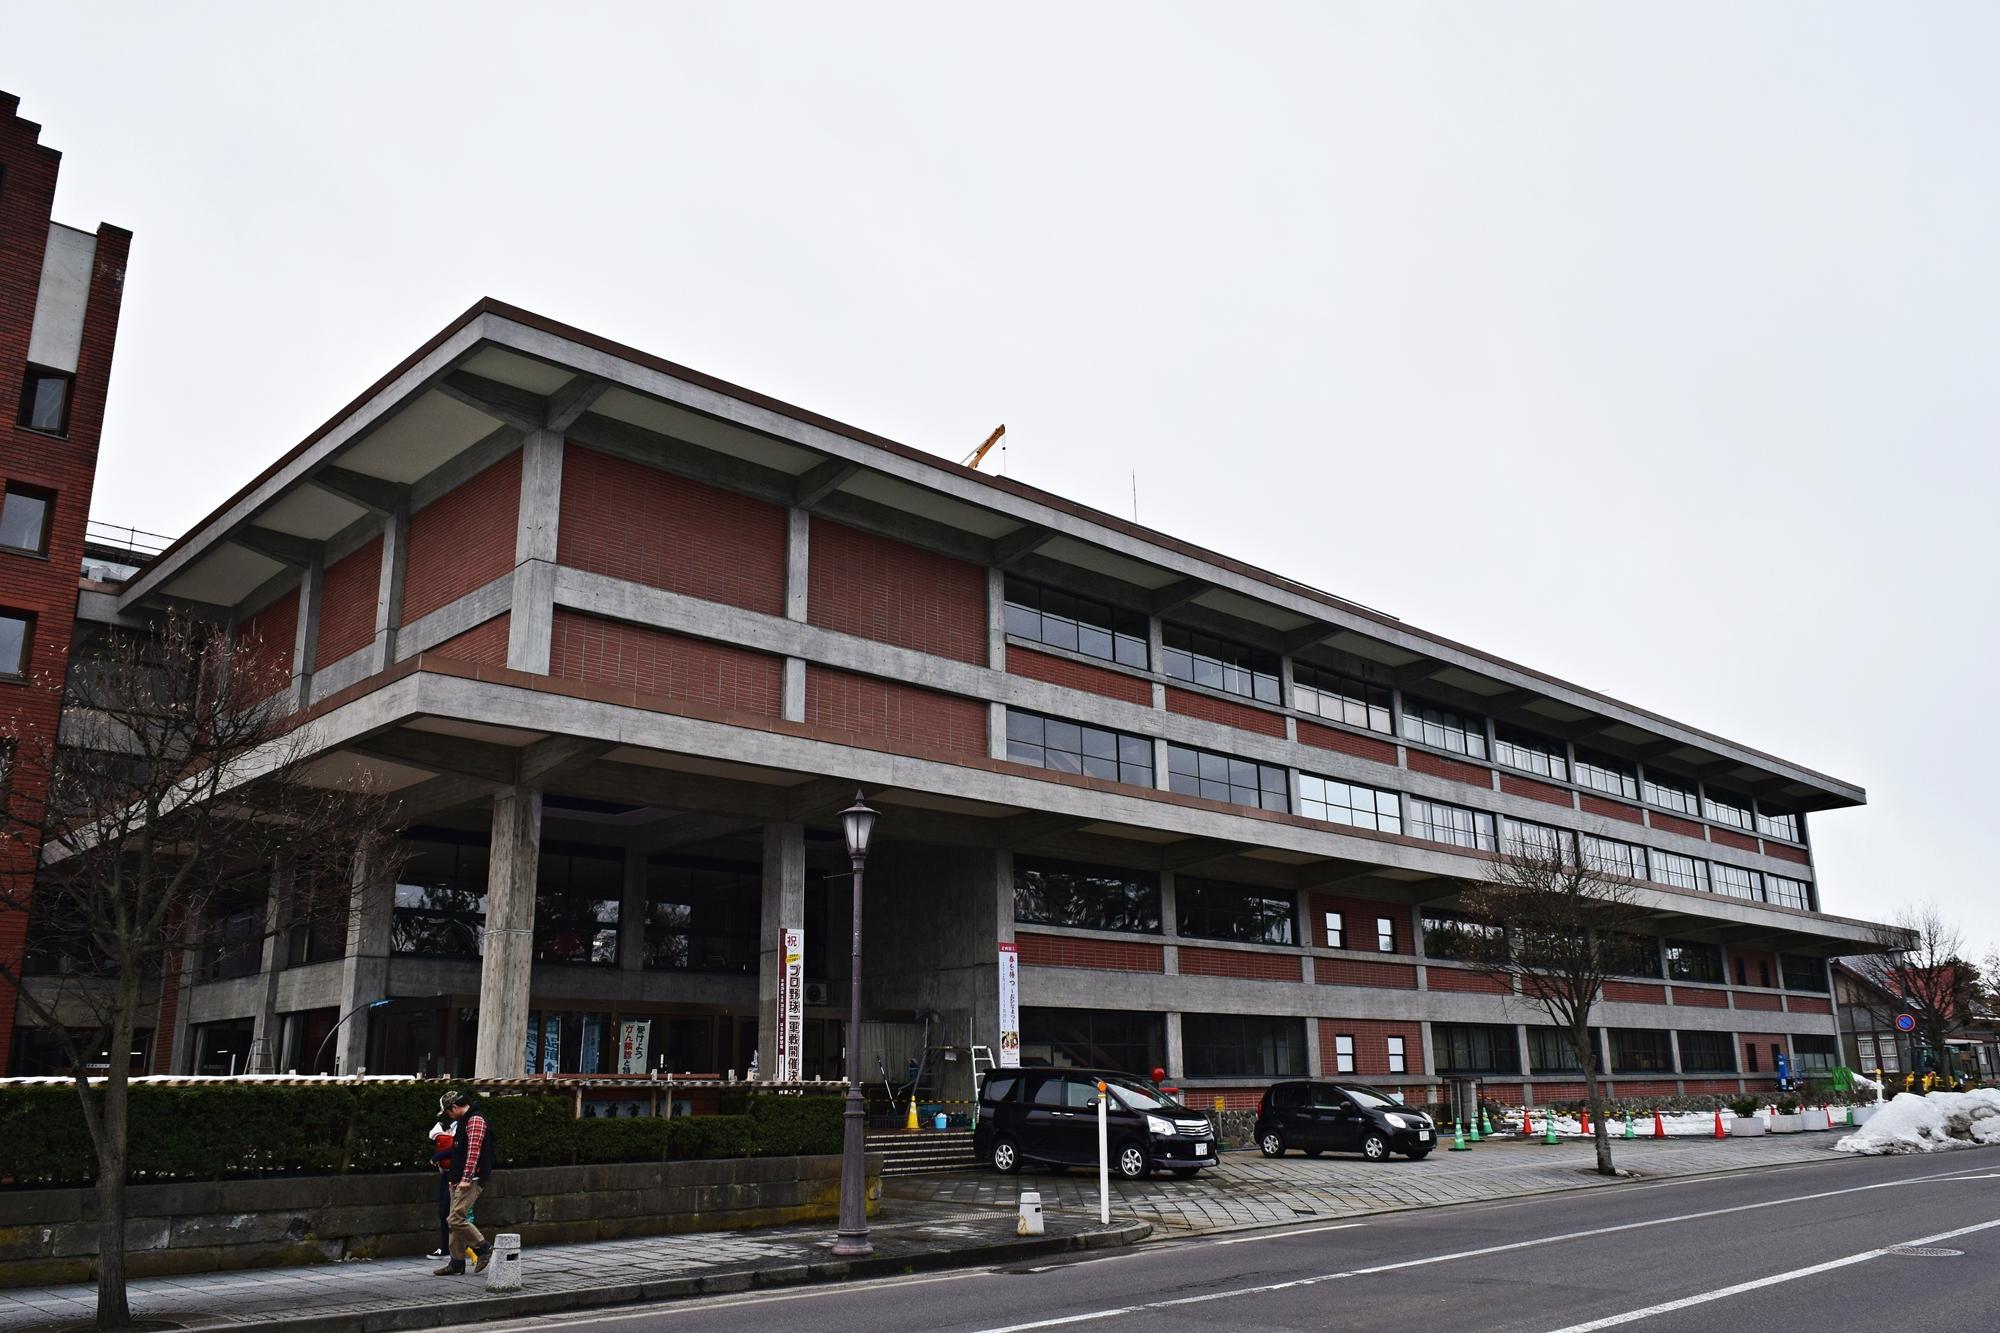 f:id:mitatowa:20170326234017j:plain